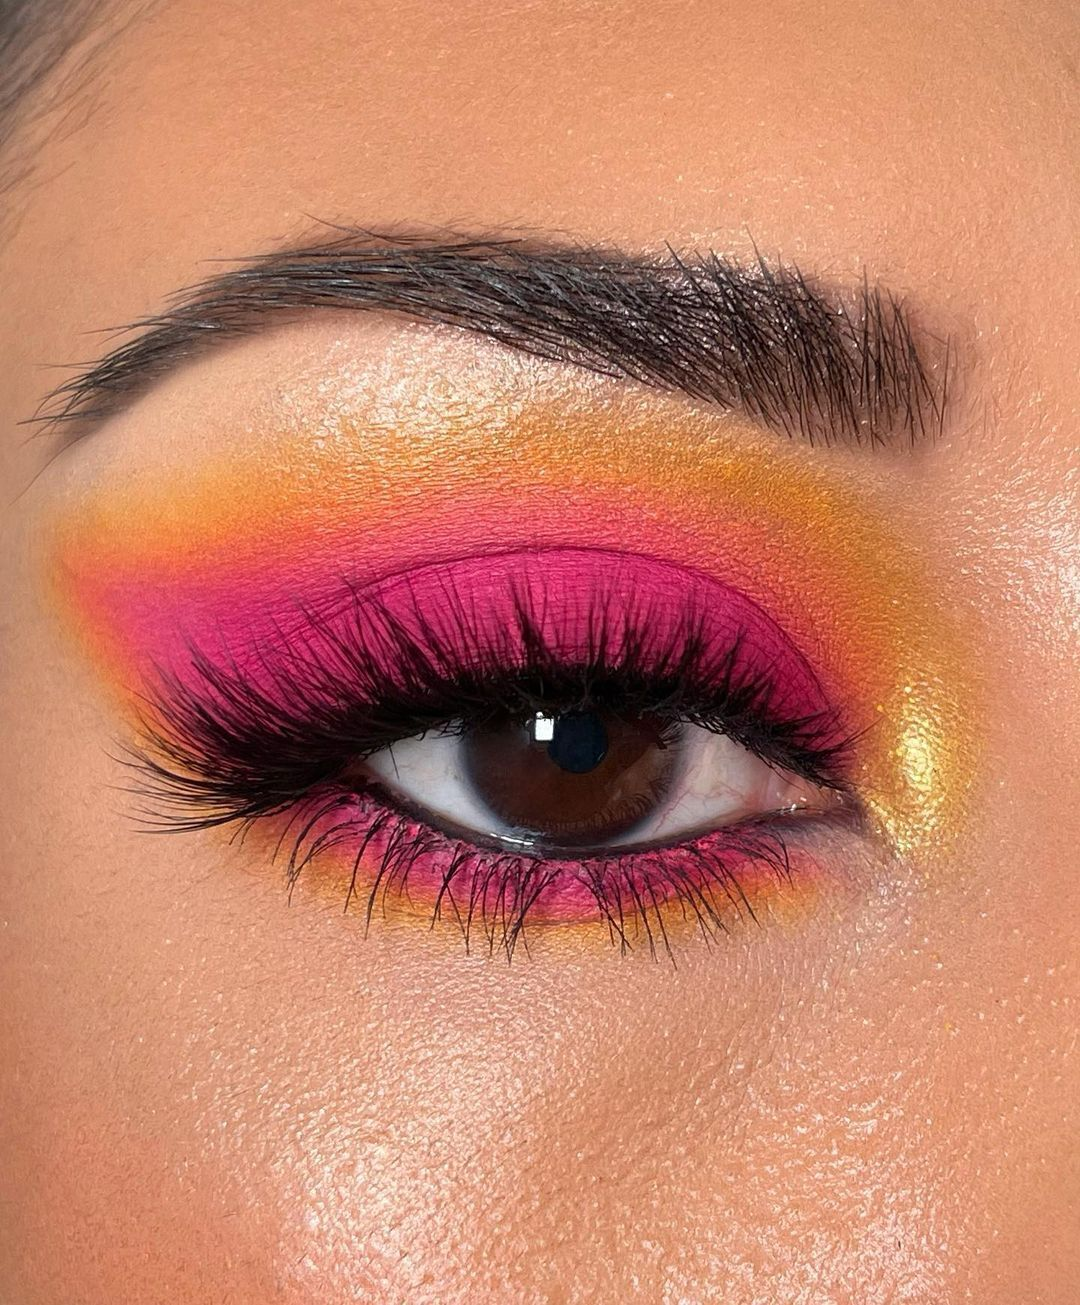 Выразительный макияж глаз, вдохновленный летним закатом